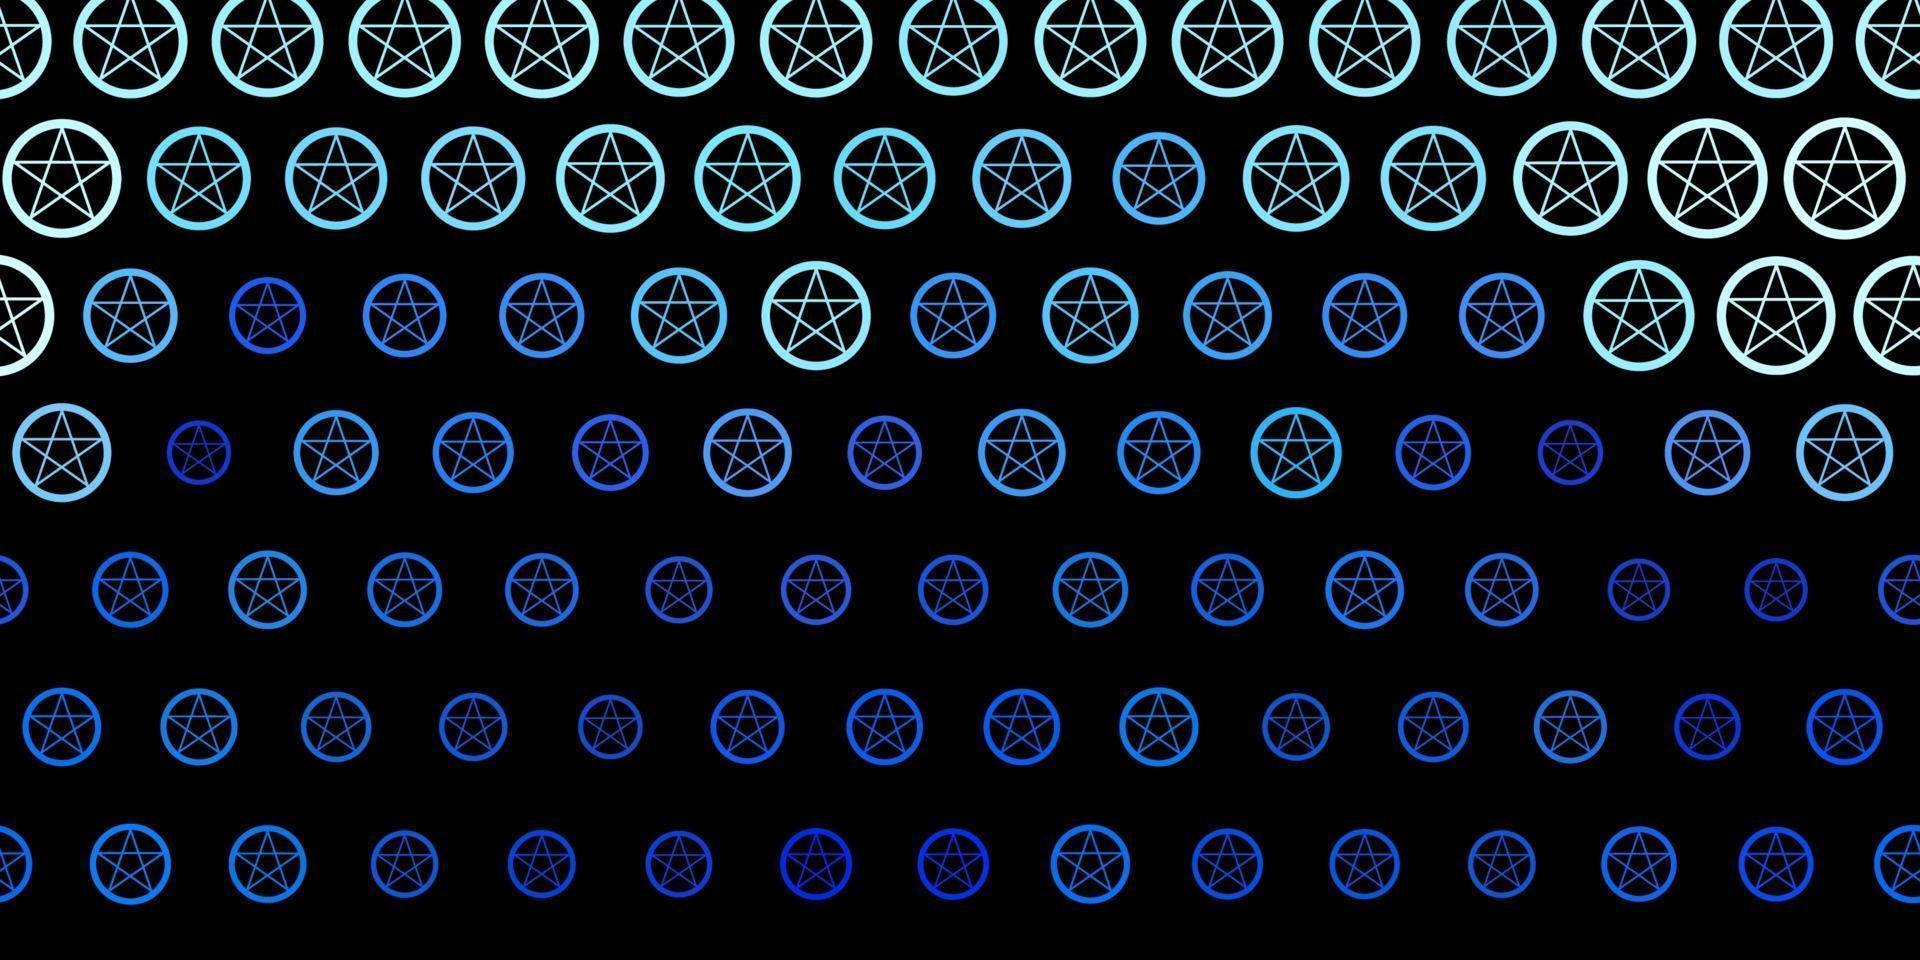 modèle vectoriel violet foncé avec des signes ésotériques.